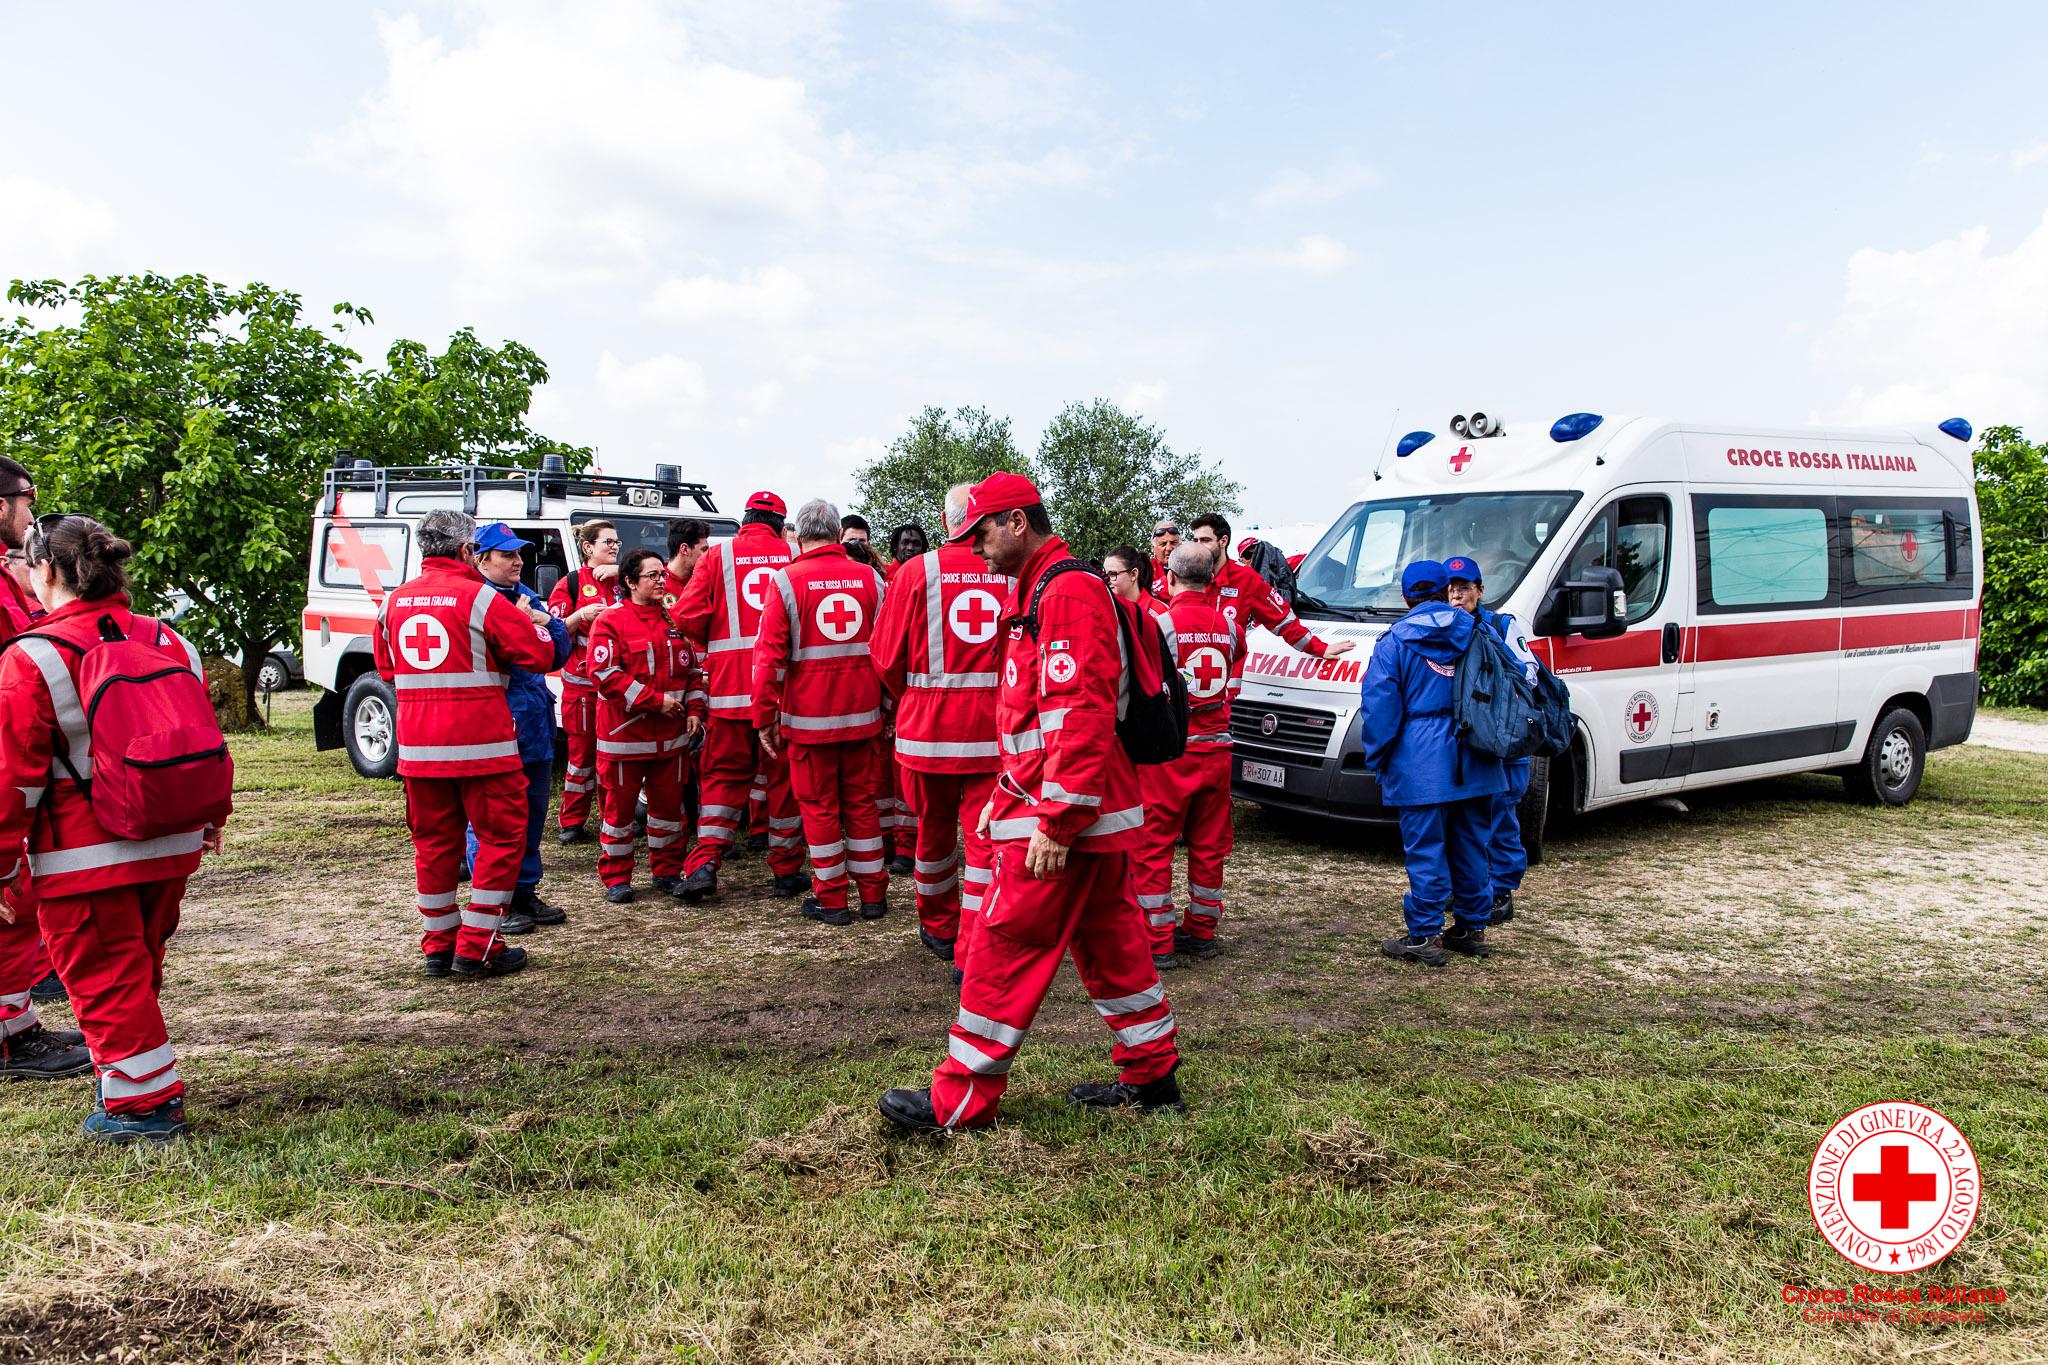 Croce Rossa Italiana Comitato di Grosseto - Gestione grande evento